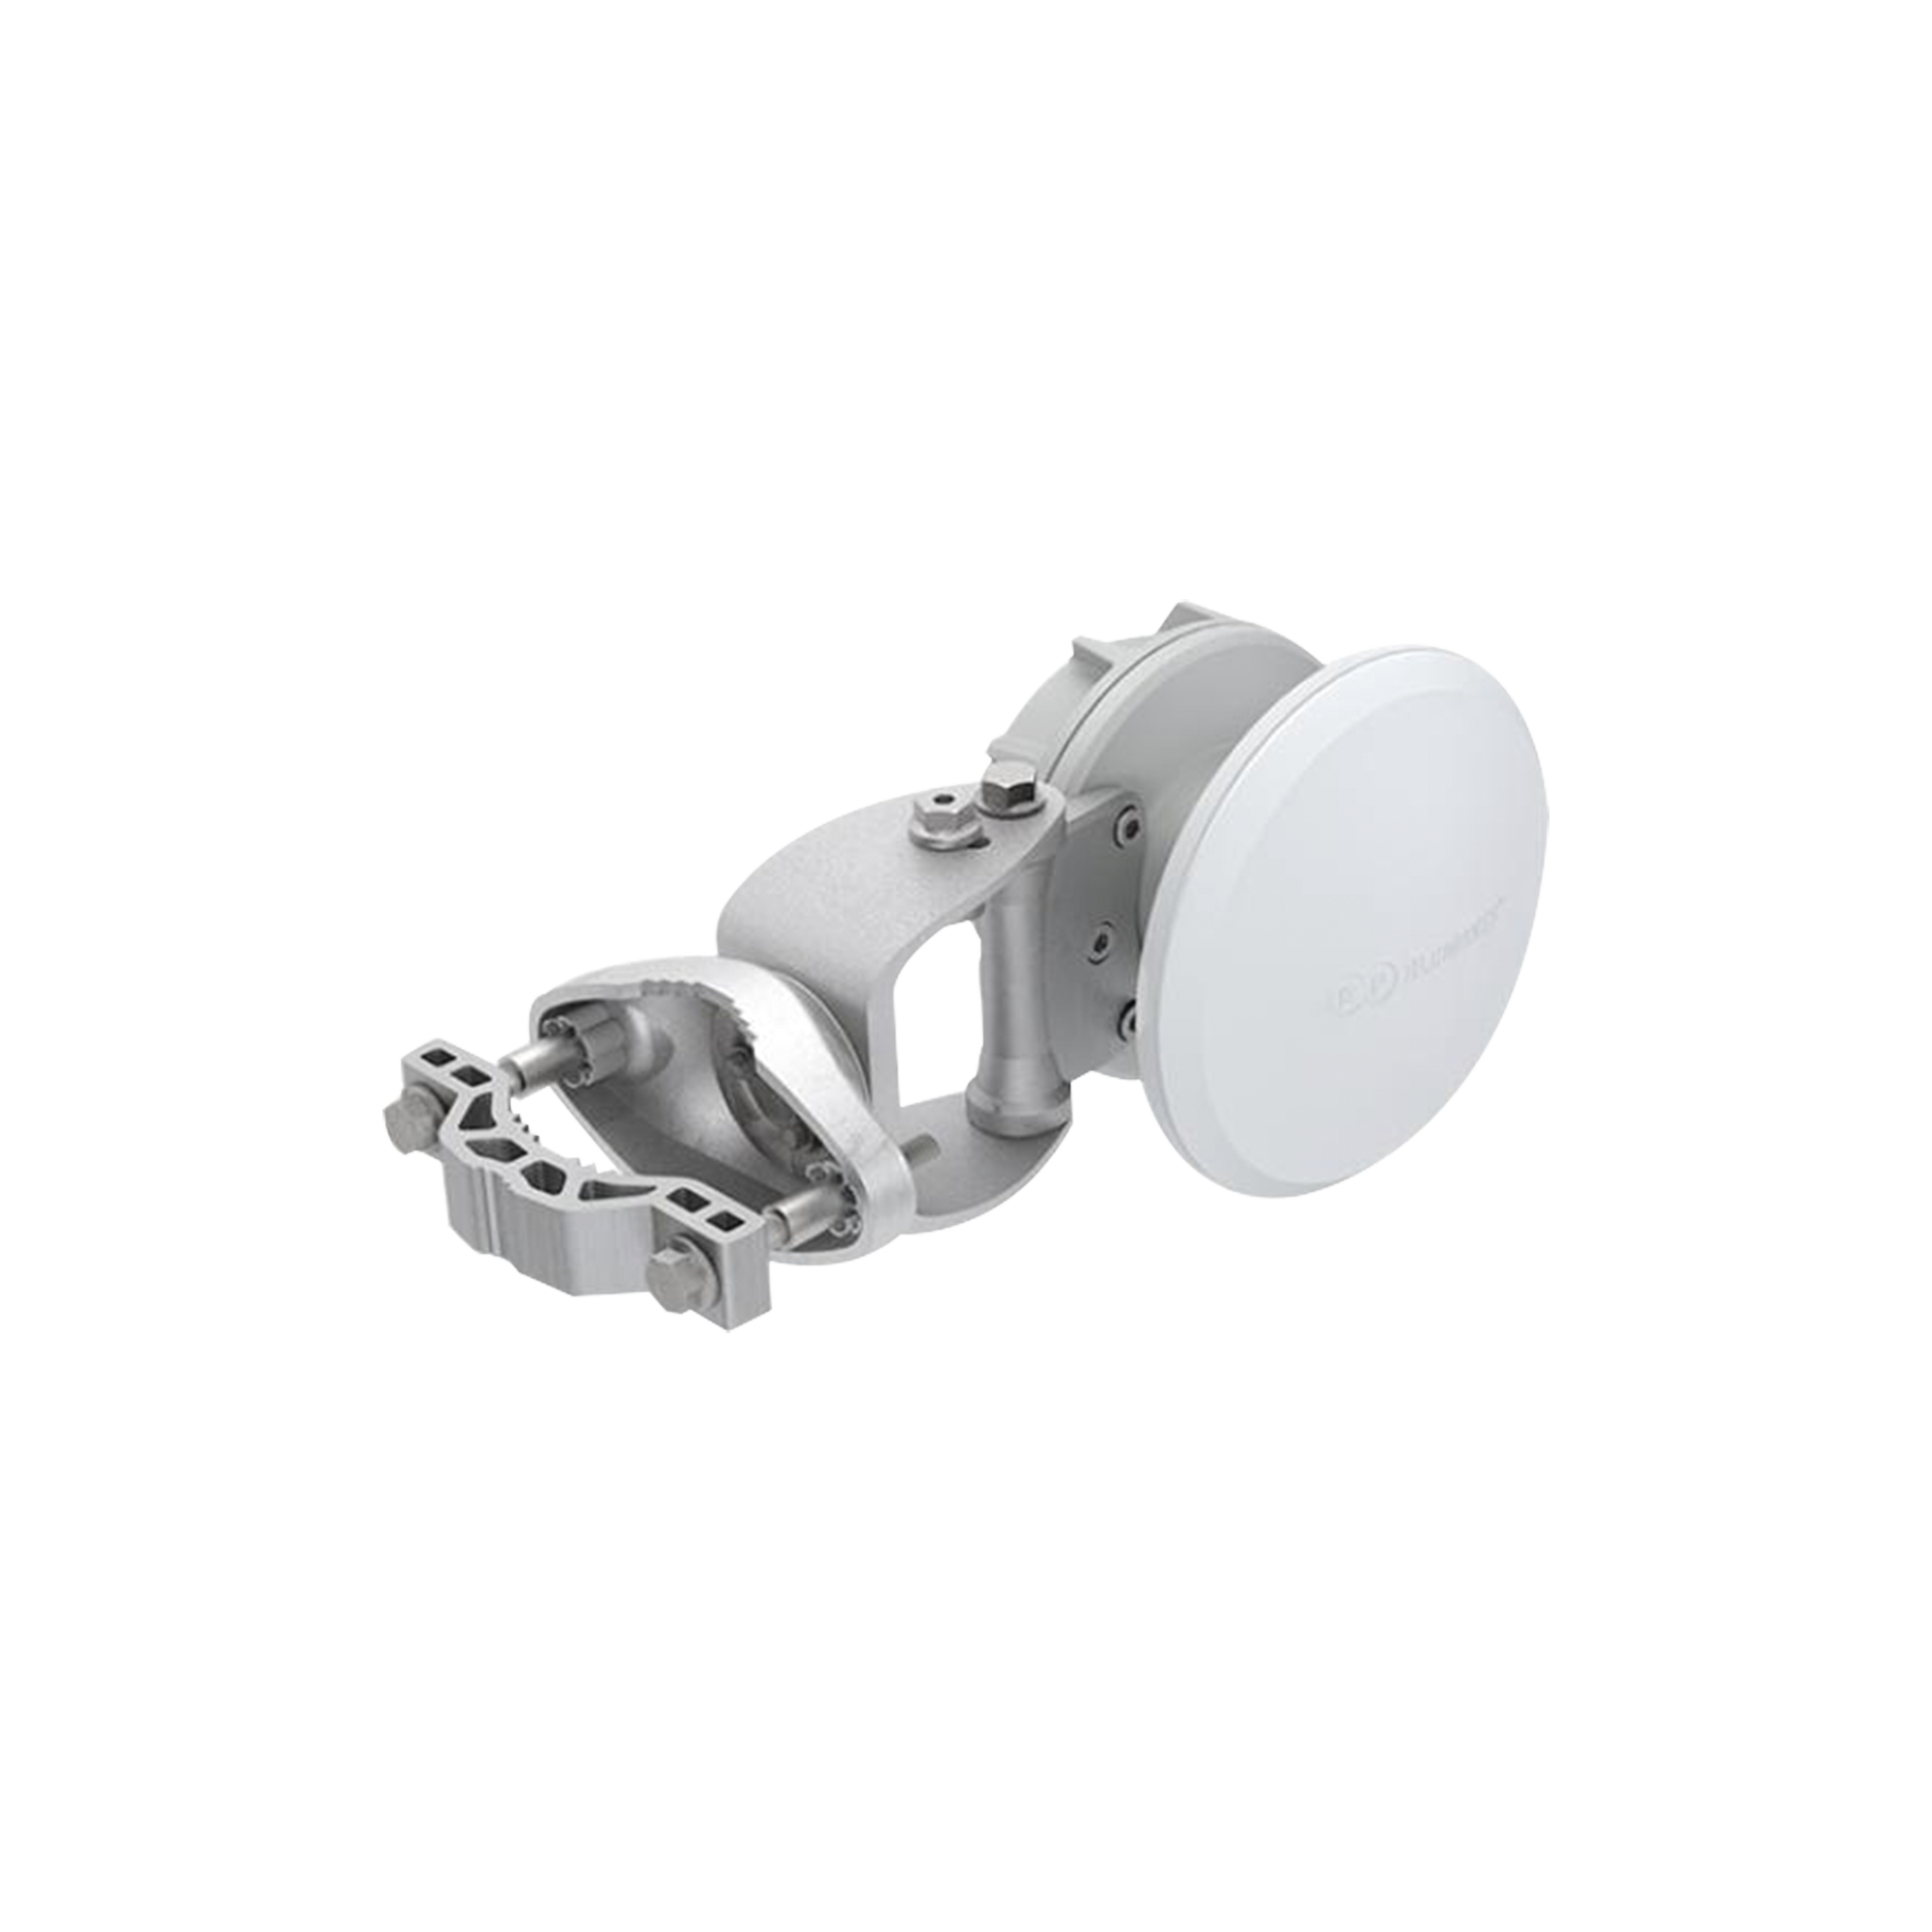 Antena Sectorial Simetrica GEN2 de 90? 5180-6400 MHz, 9.6 dBi con soporte mejorado, listas para TwisPort sin perdida